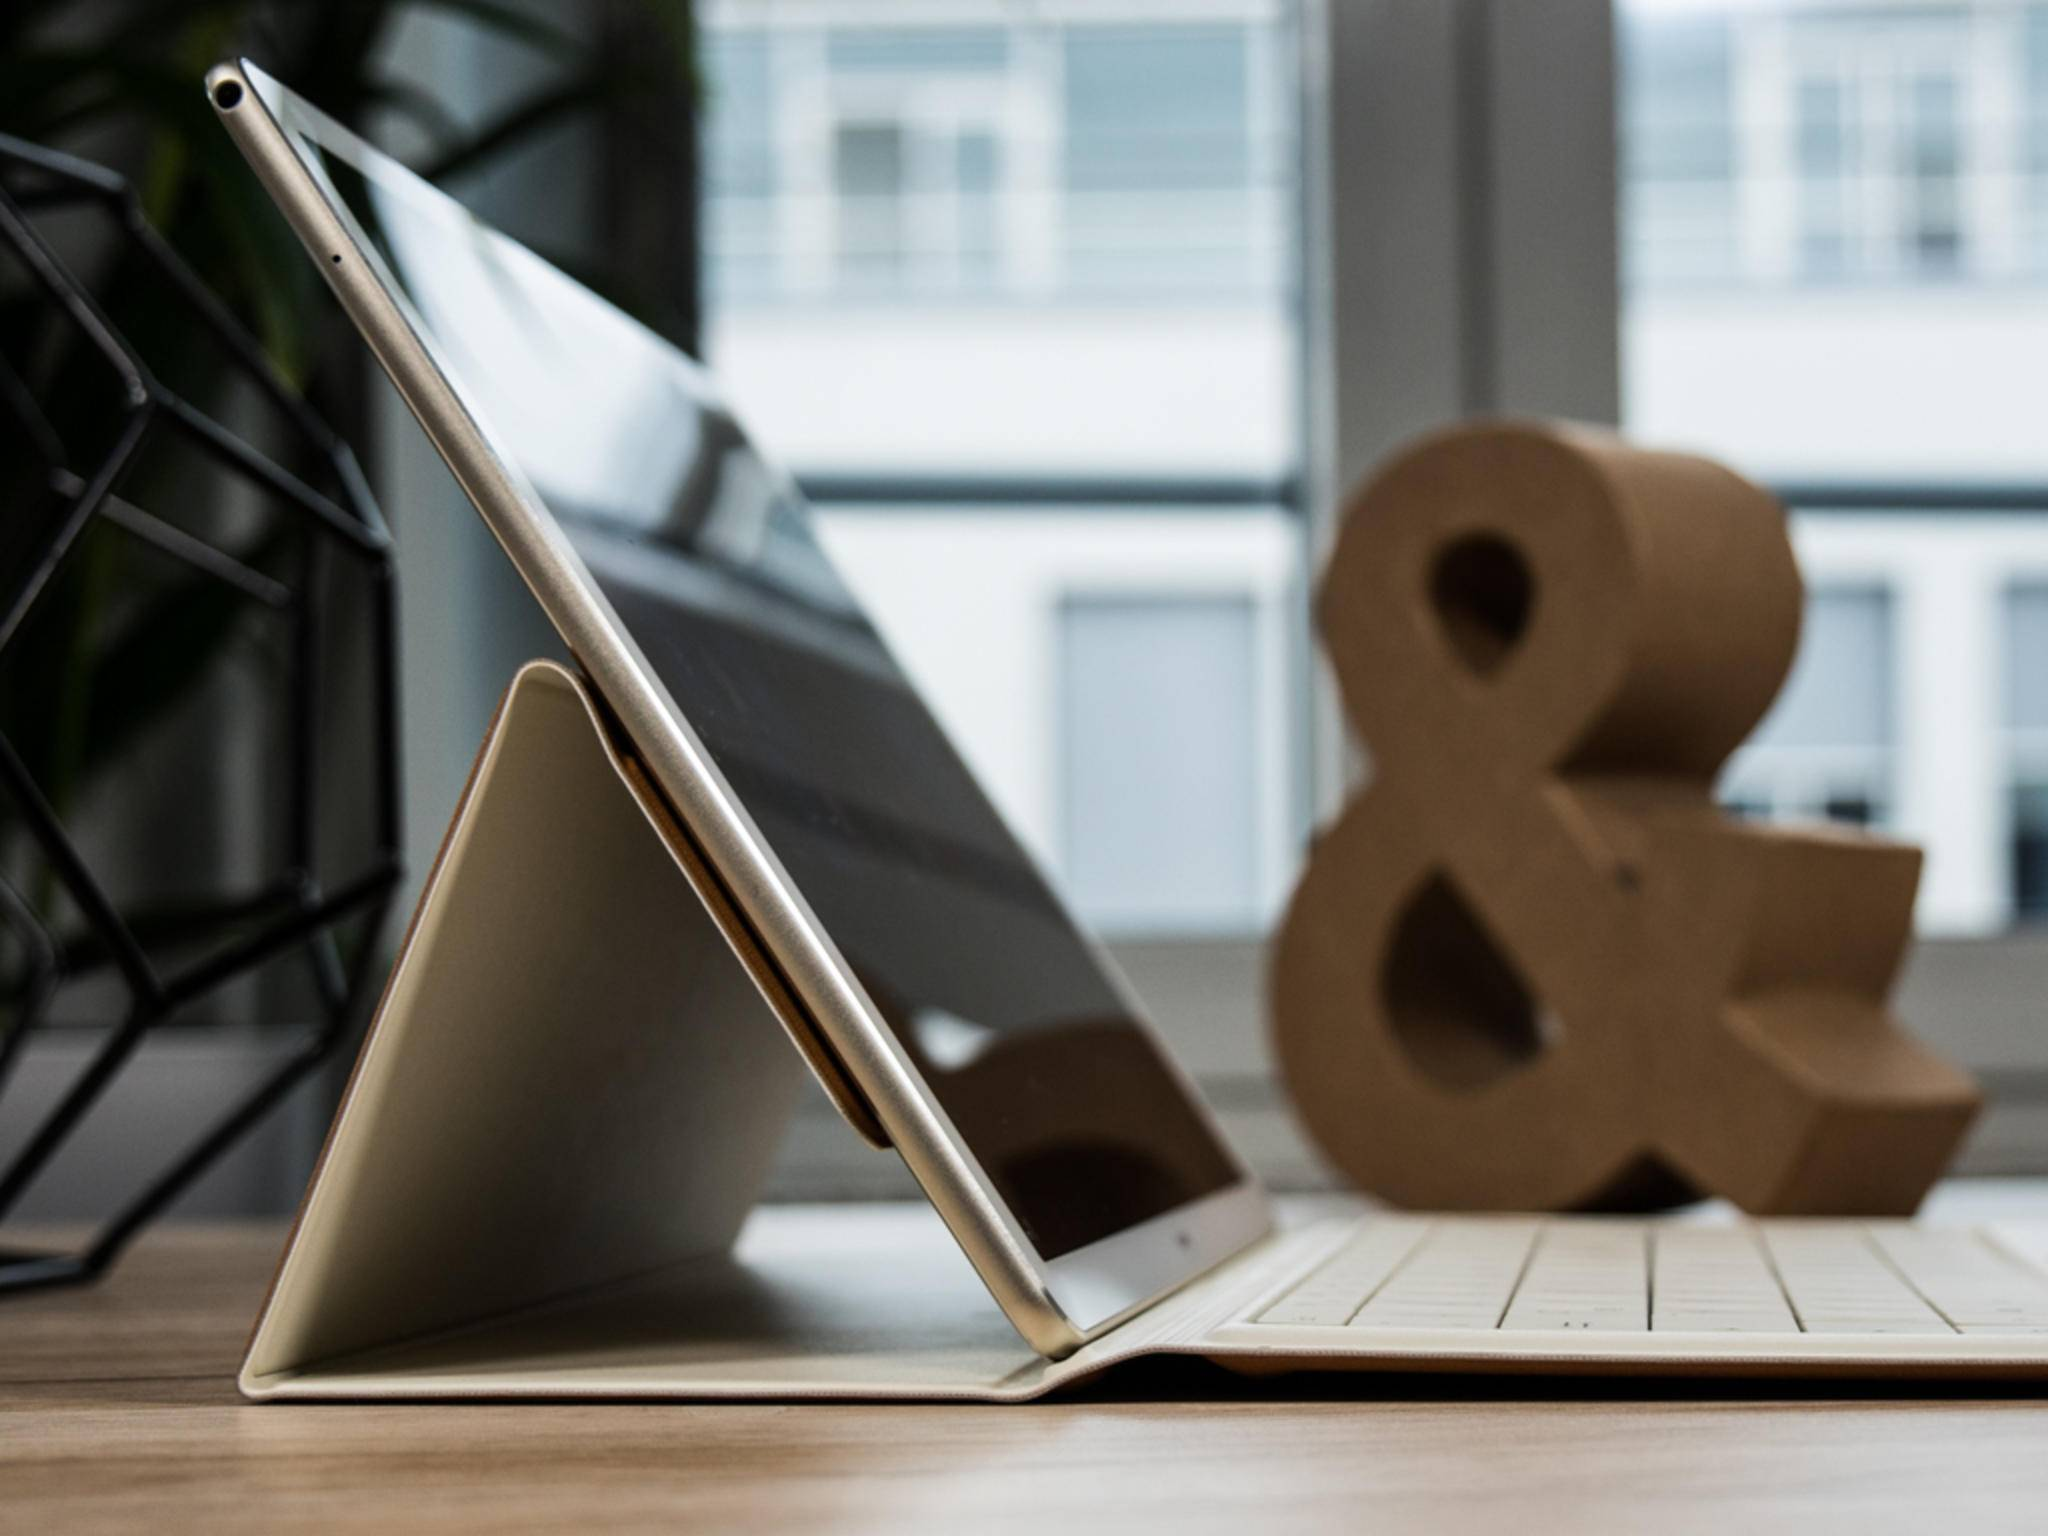 Das Huawei MateBook ist im Bundle mit Tastaturhülle erhältlich.